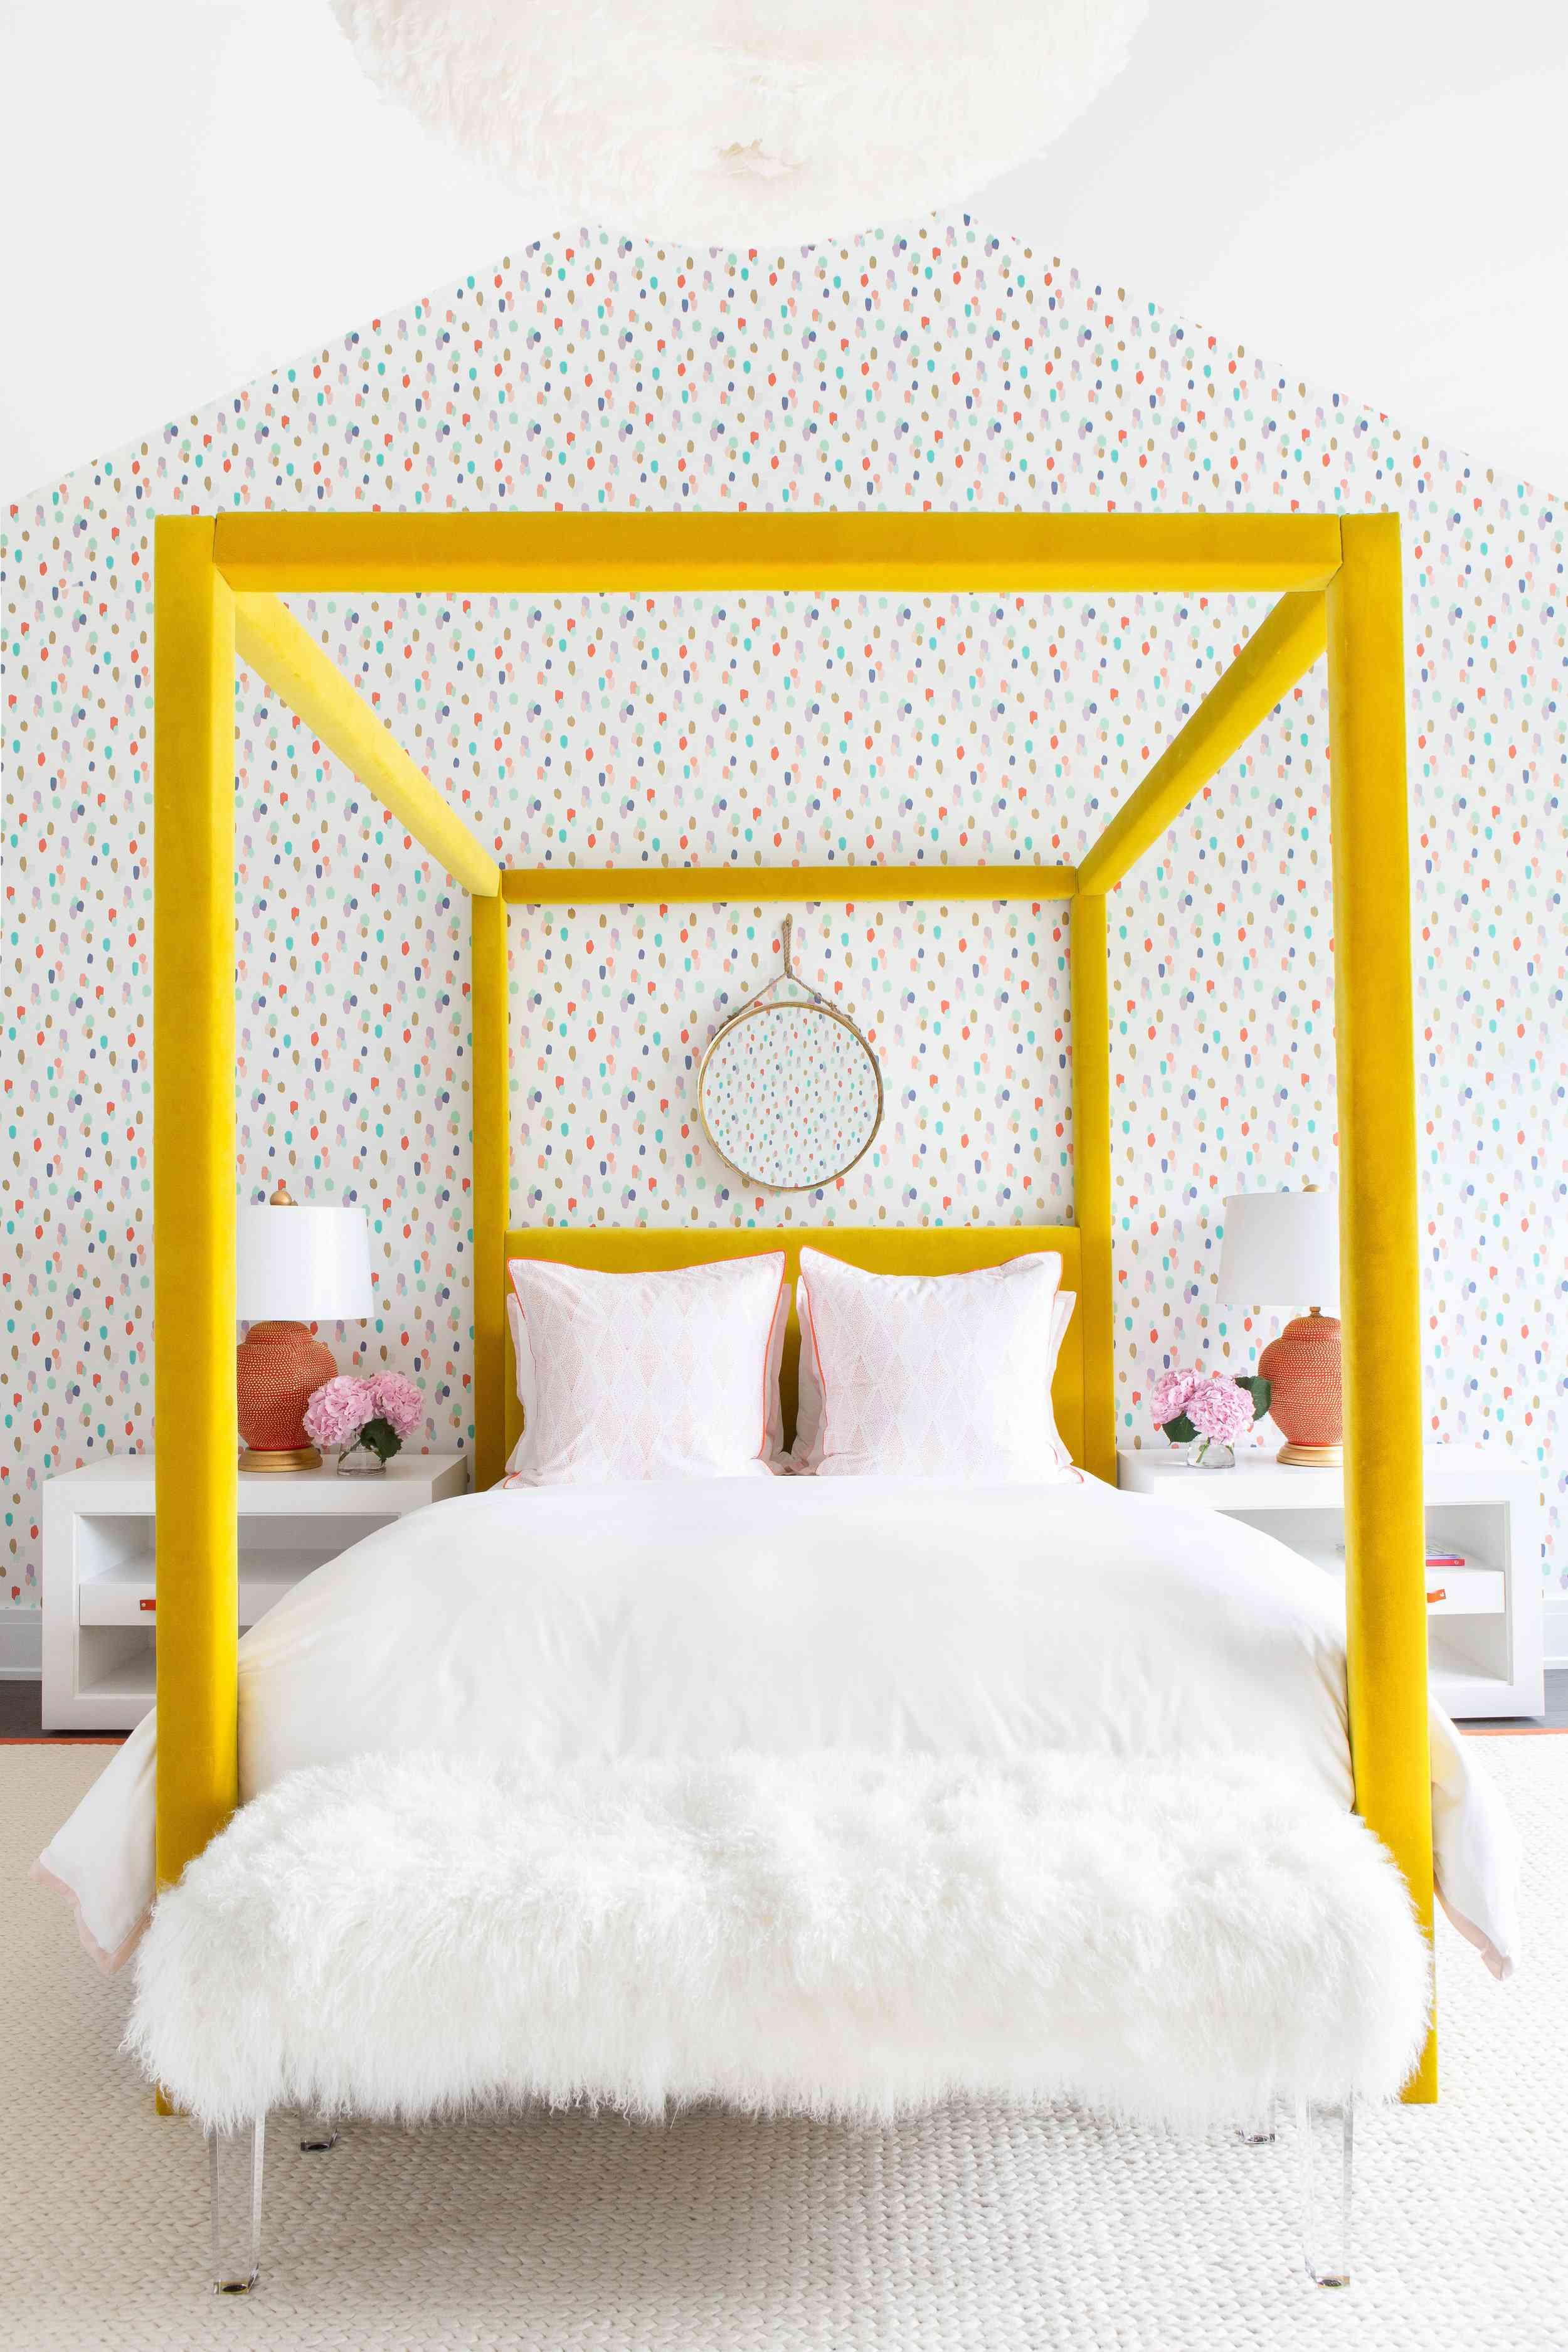 yellow canopy bed in children's bedroom